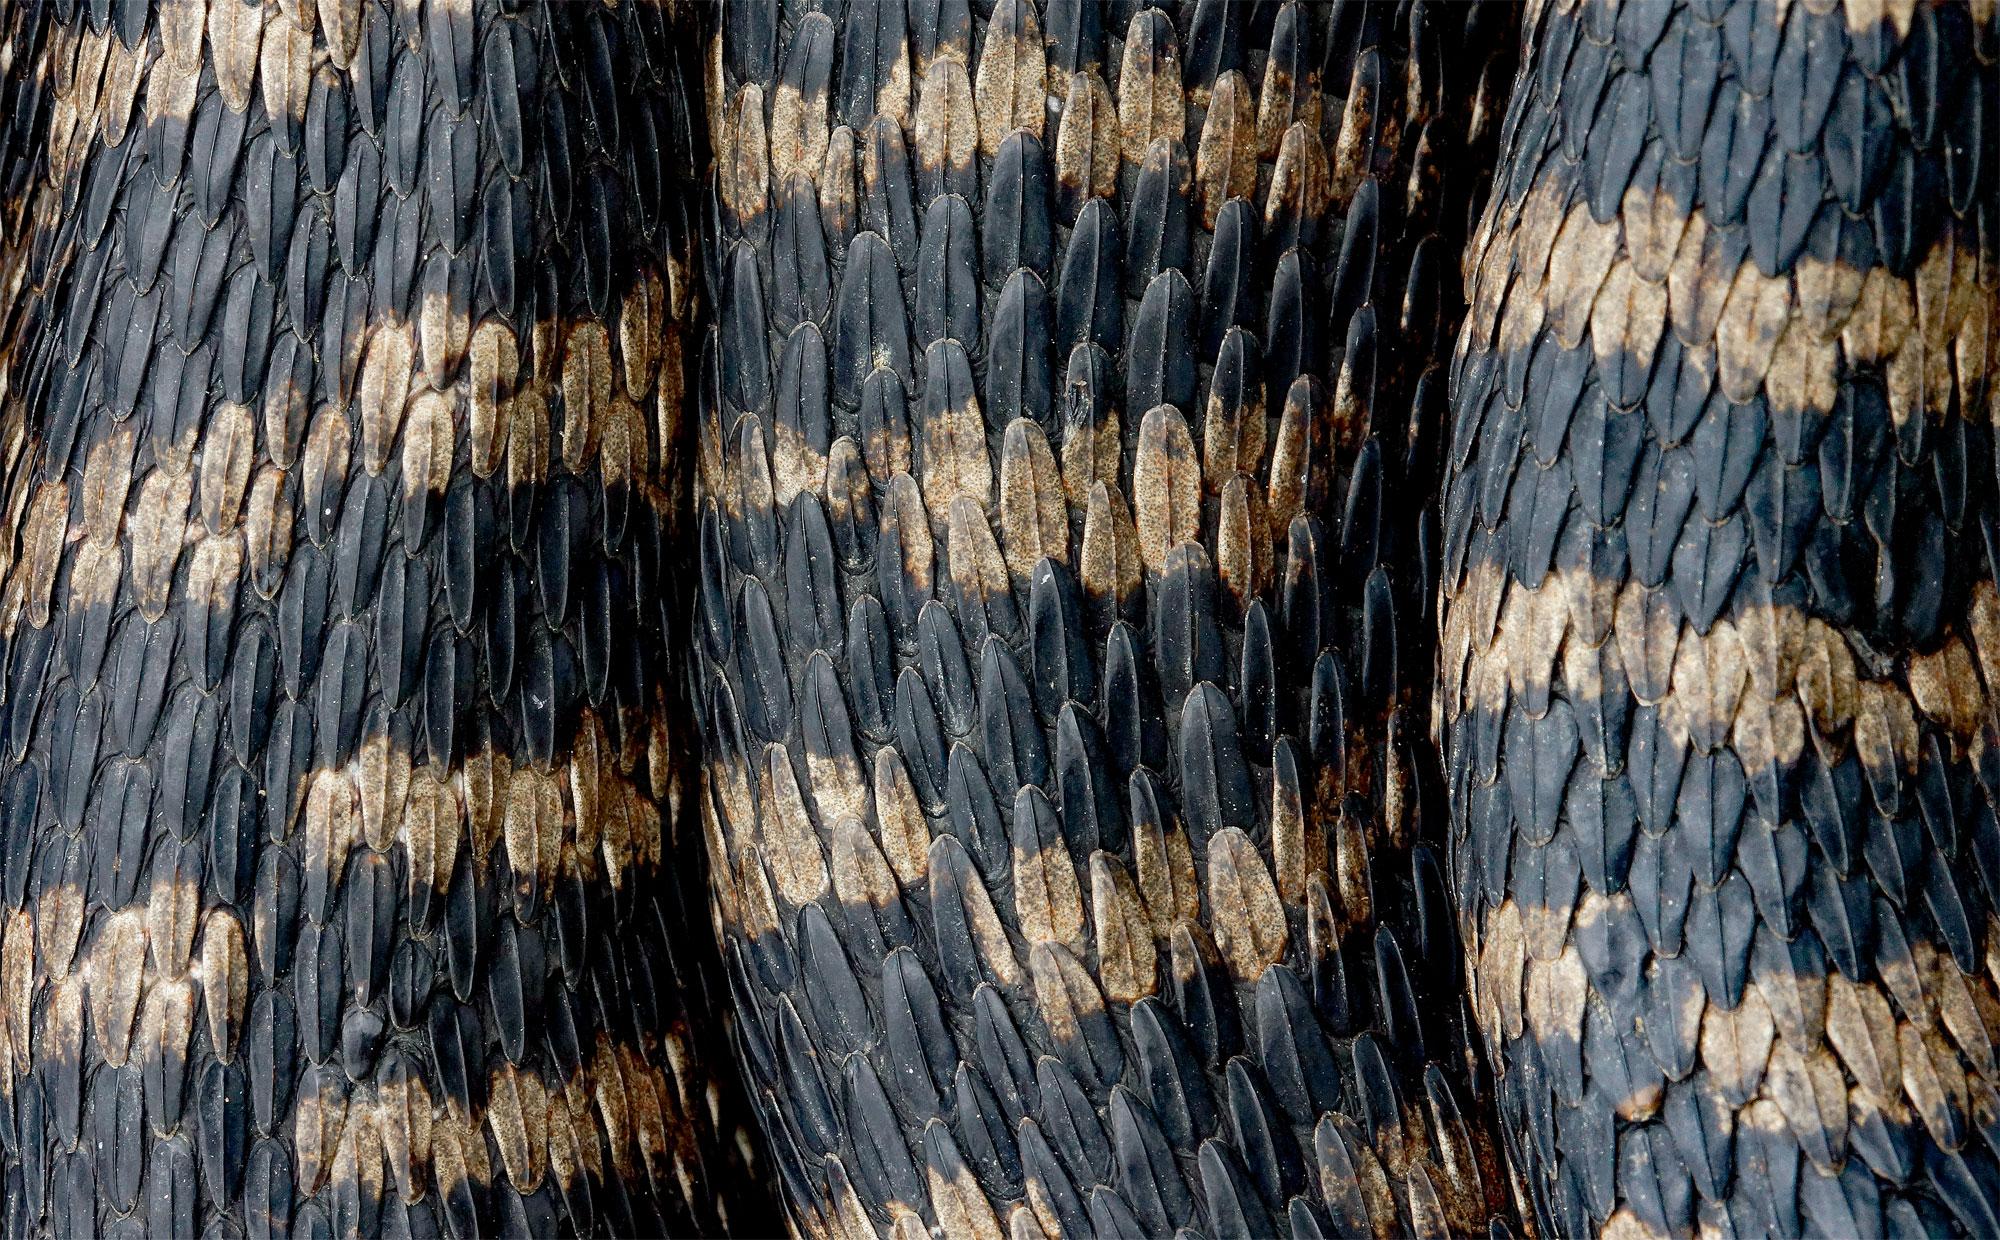 La vipère est menacée d'extinction à cause de la perte de ses habitats